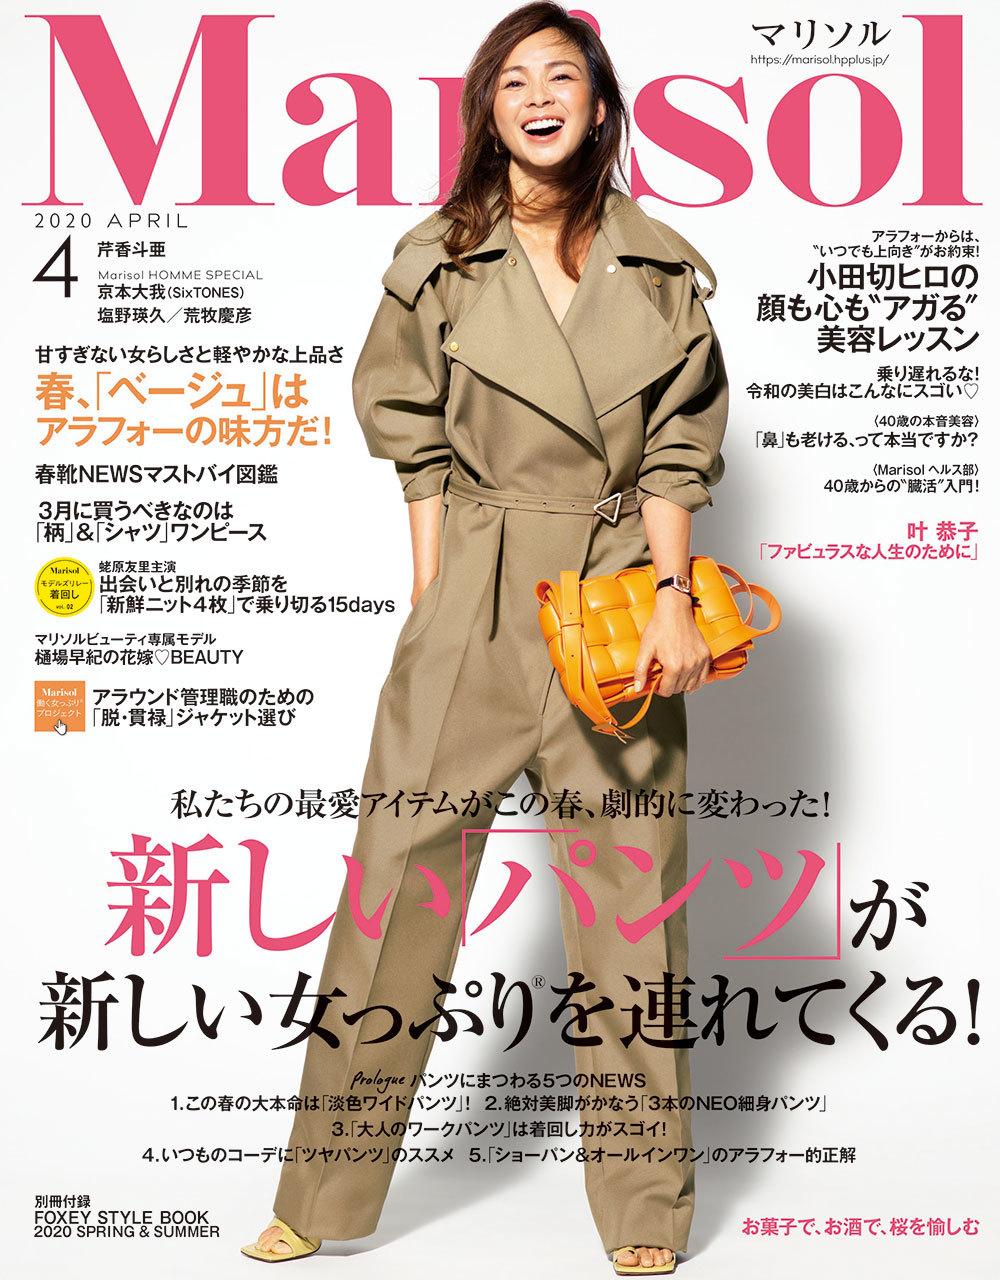 マリソル 雑誌